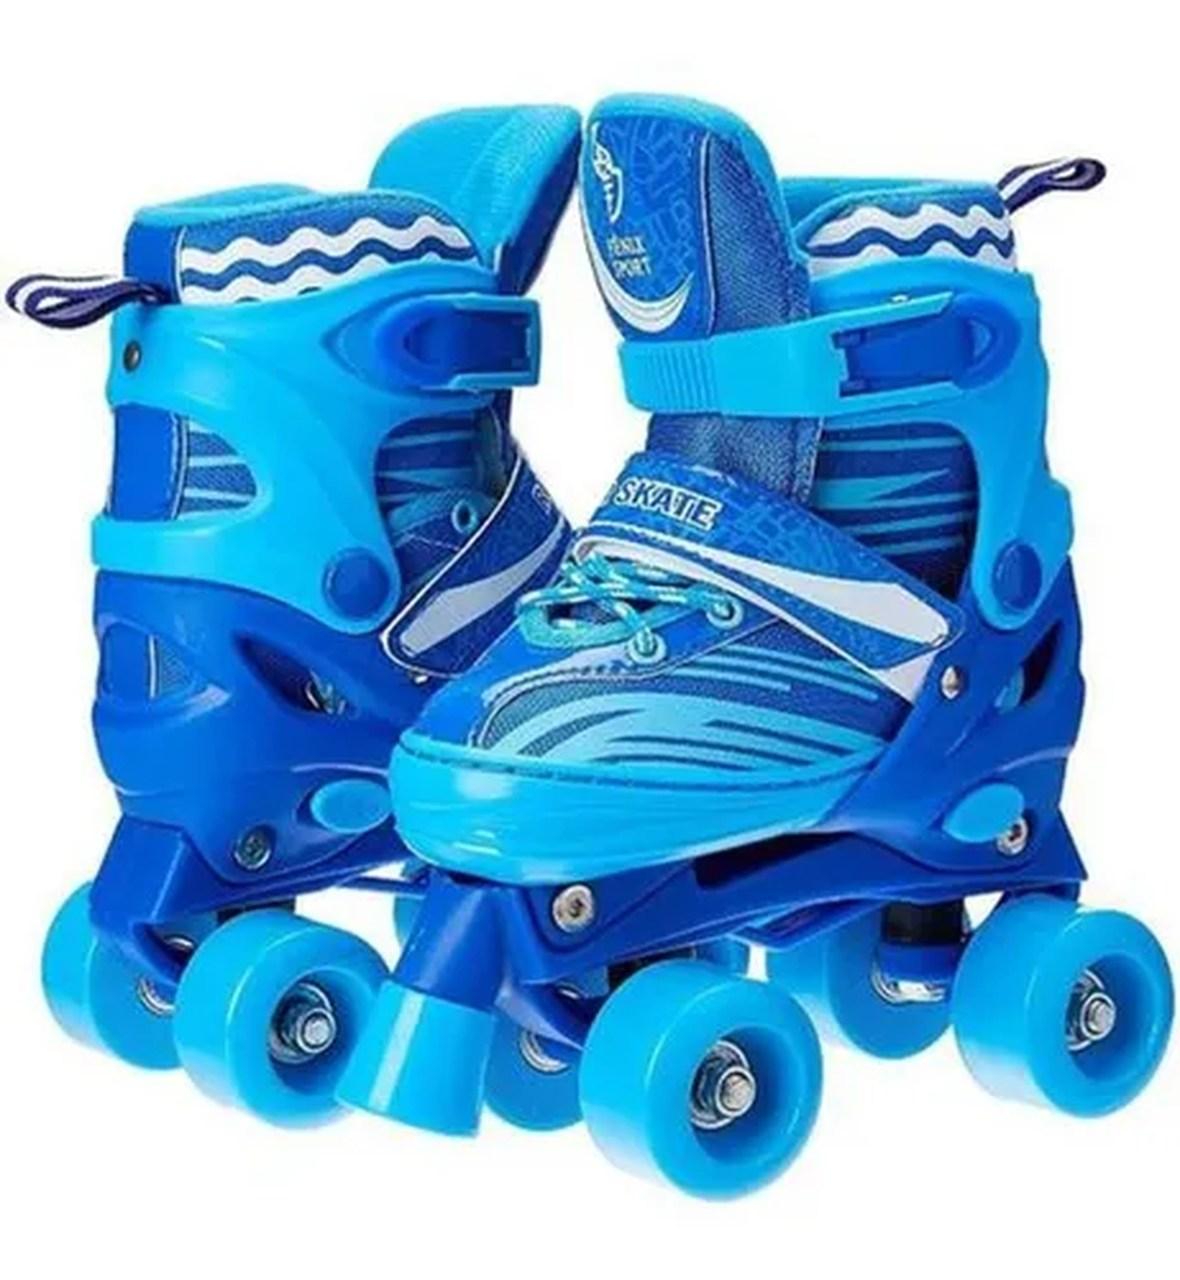 Patins 4 Rodas Clássico Roller Skate Ajustável Azul RL-02 - Fênix